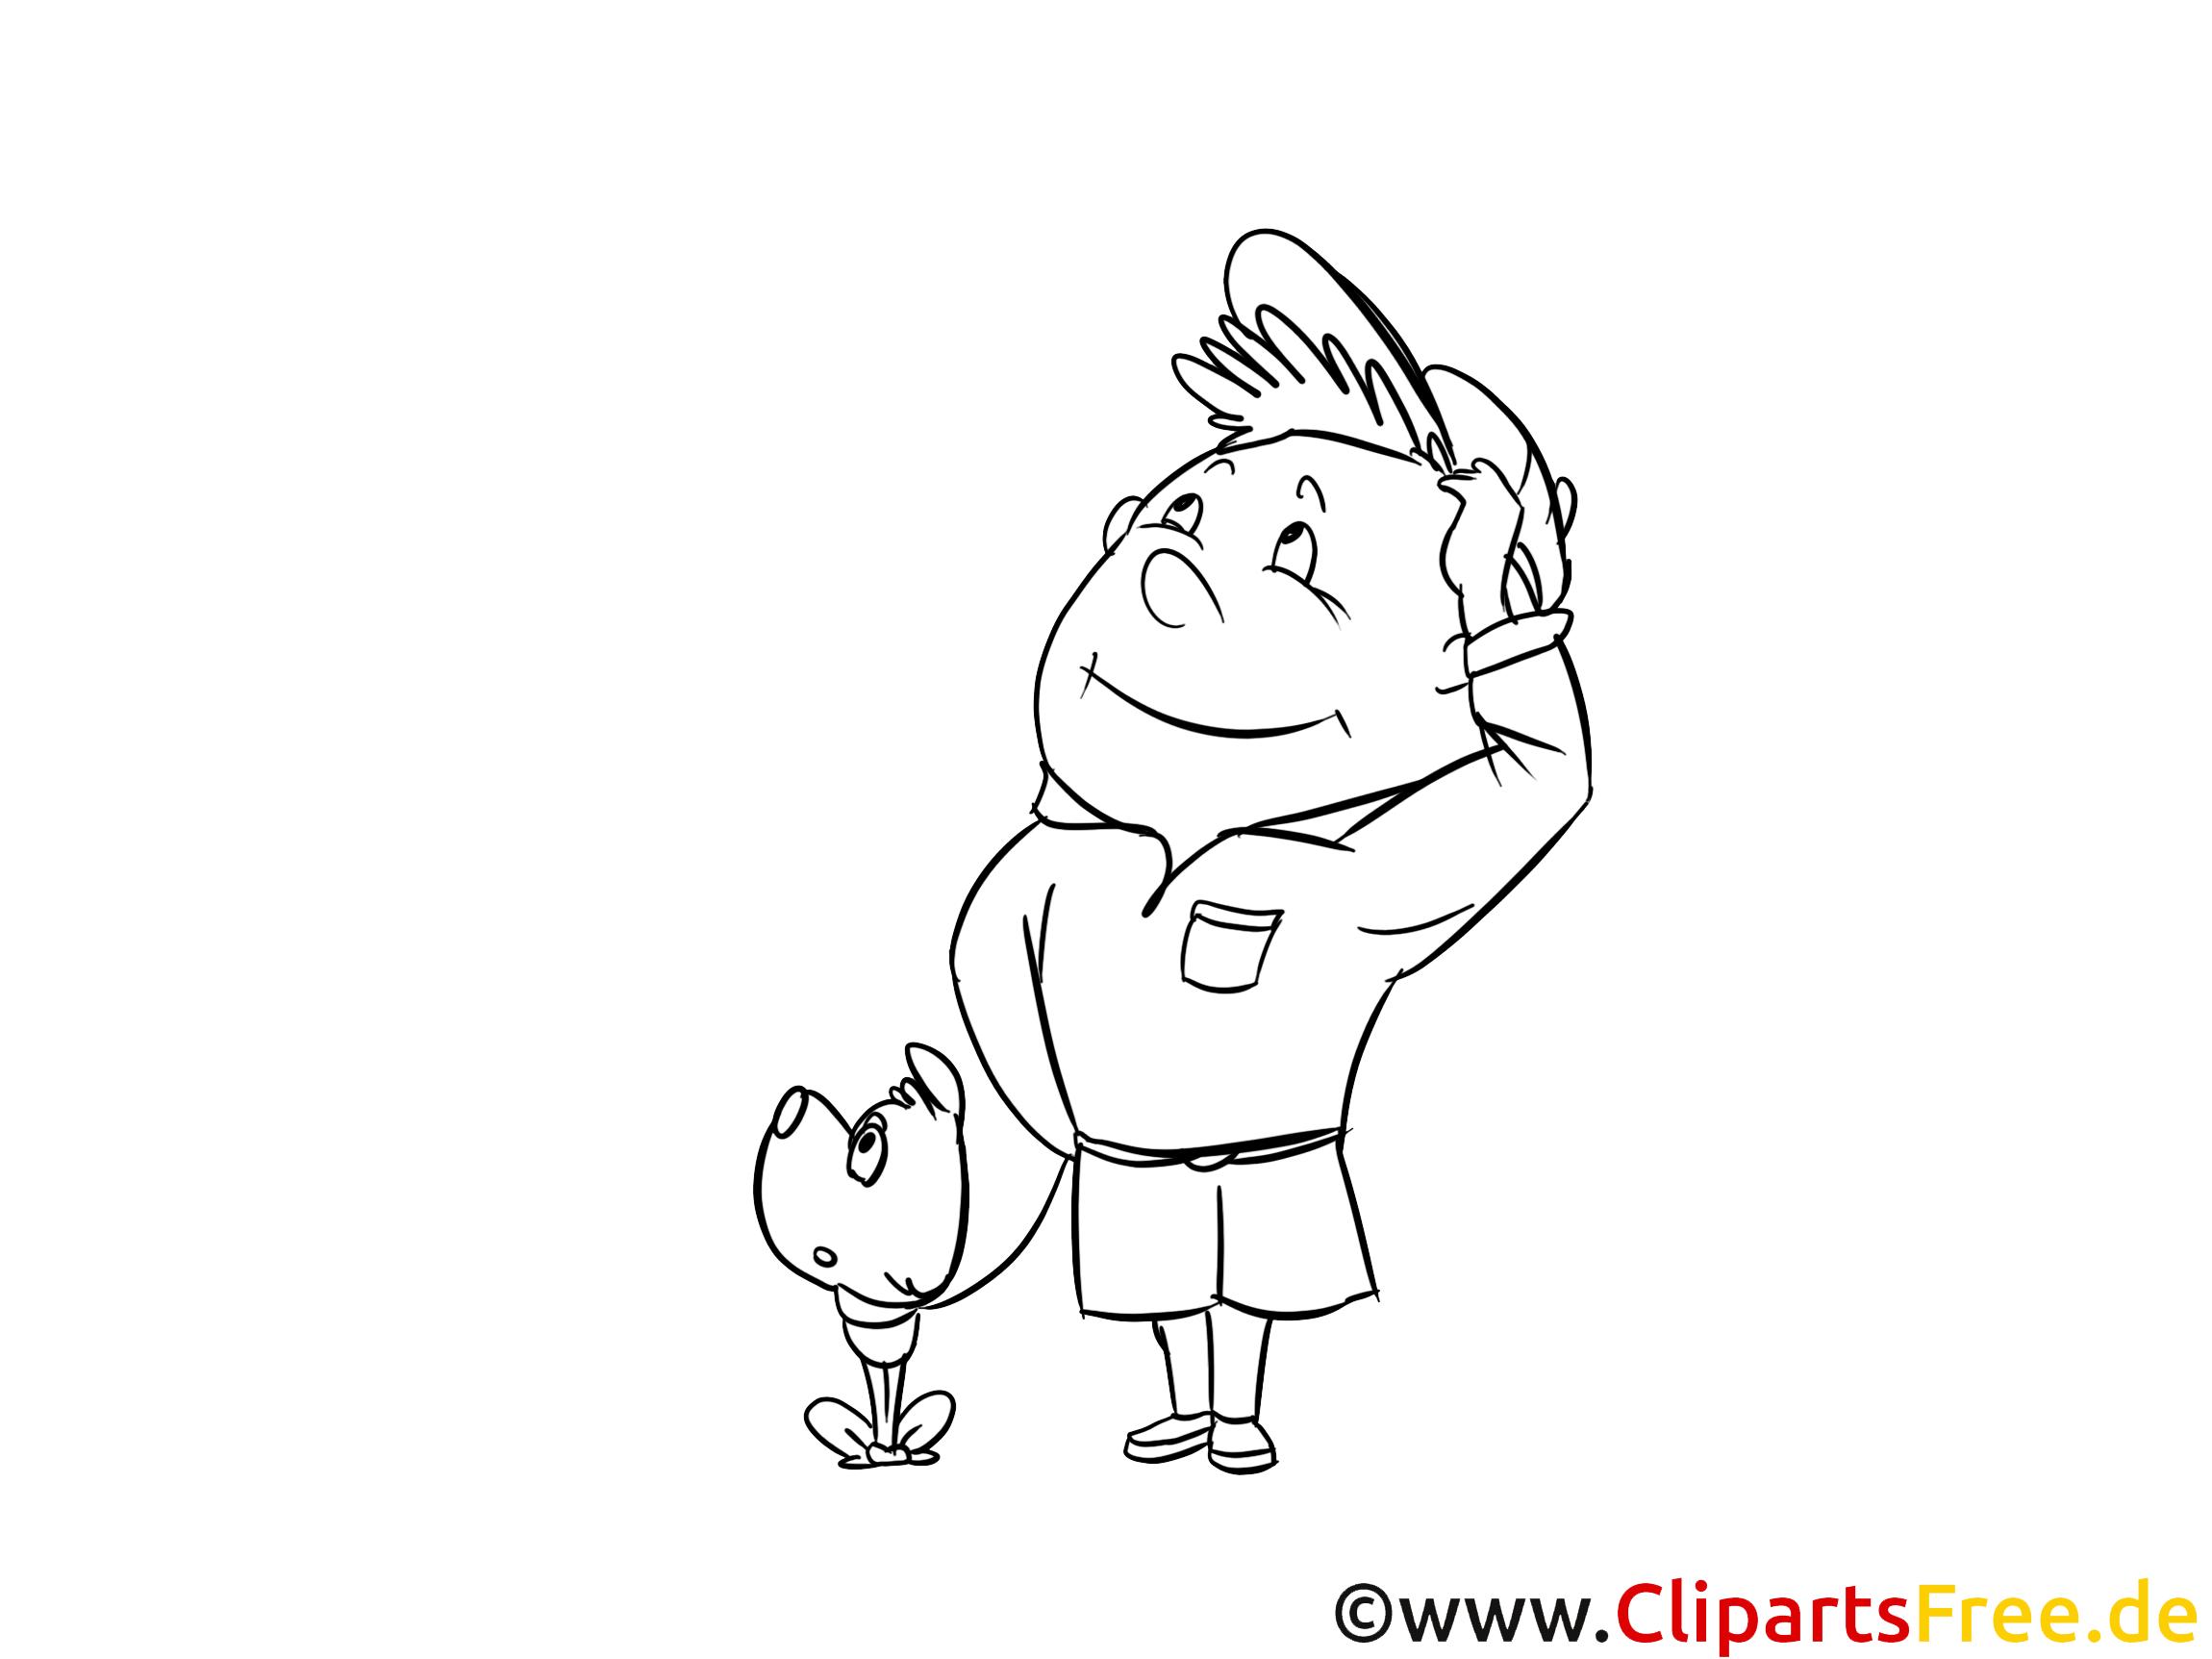 Boy-scout image gratuite – Maternelle à imprimer